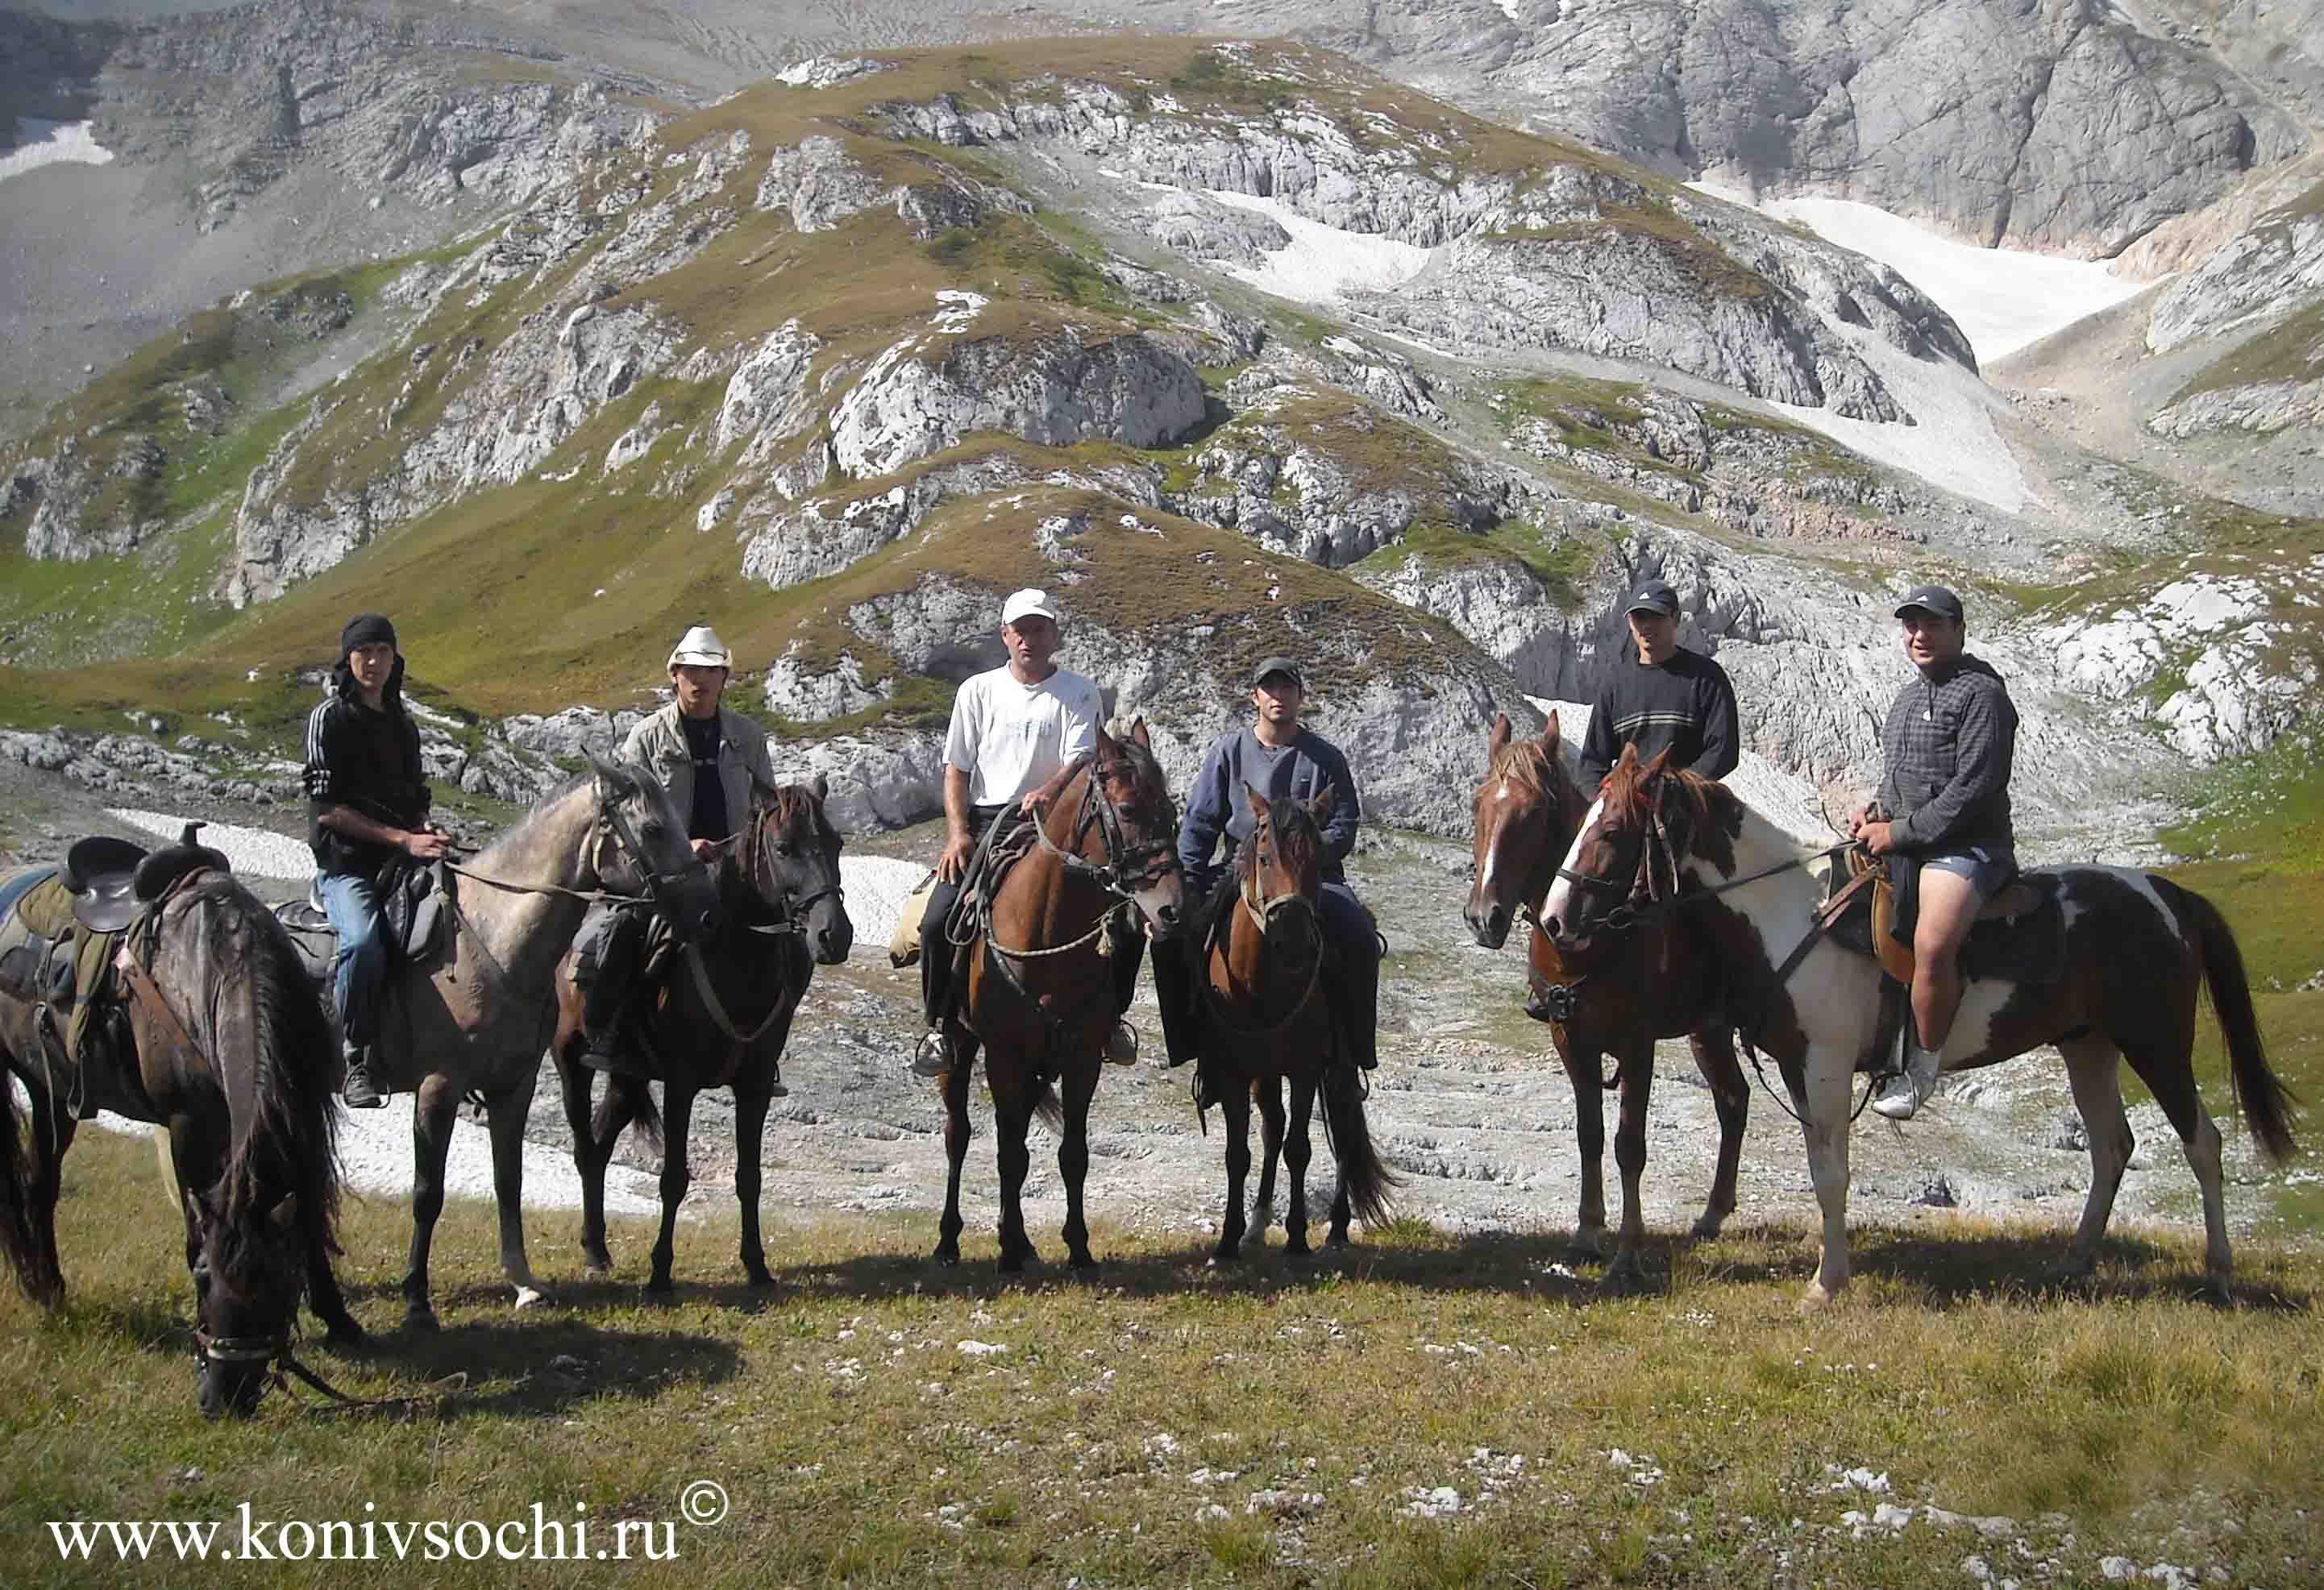 Конный туризм - конный поход на Фишт, Лагонаки. Активный отдых в горах.